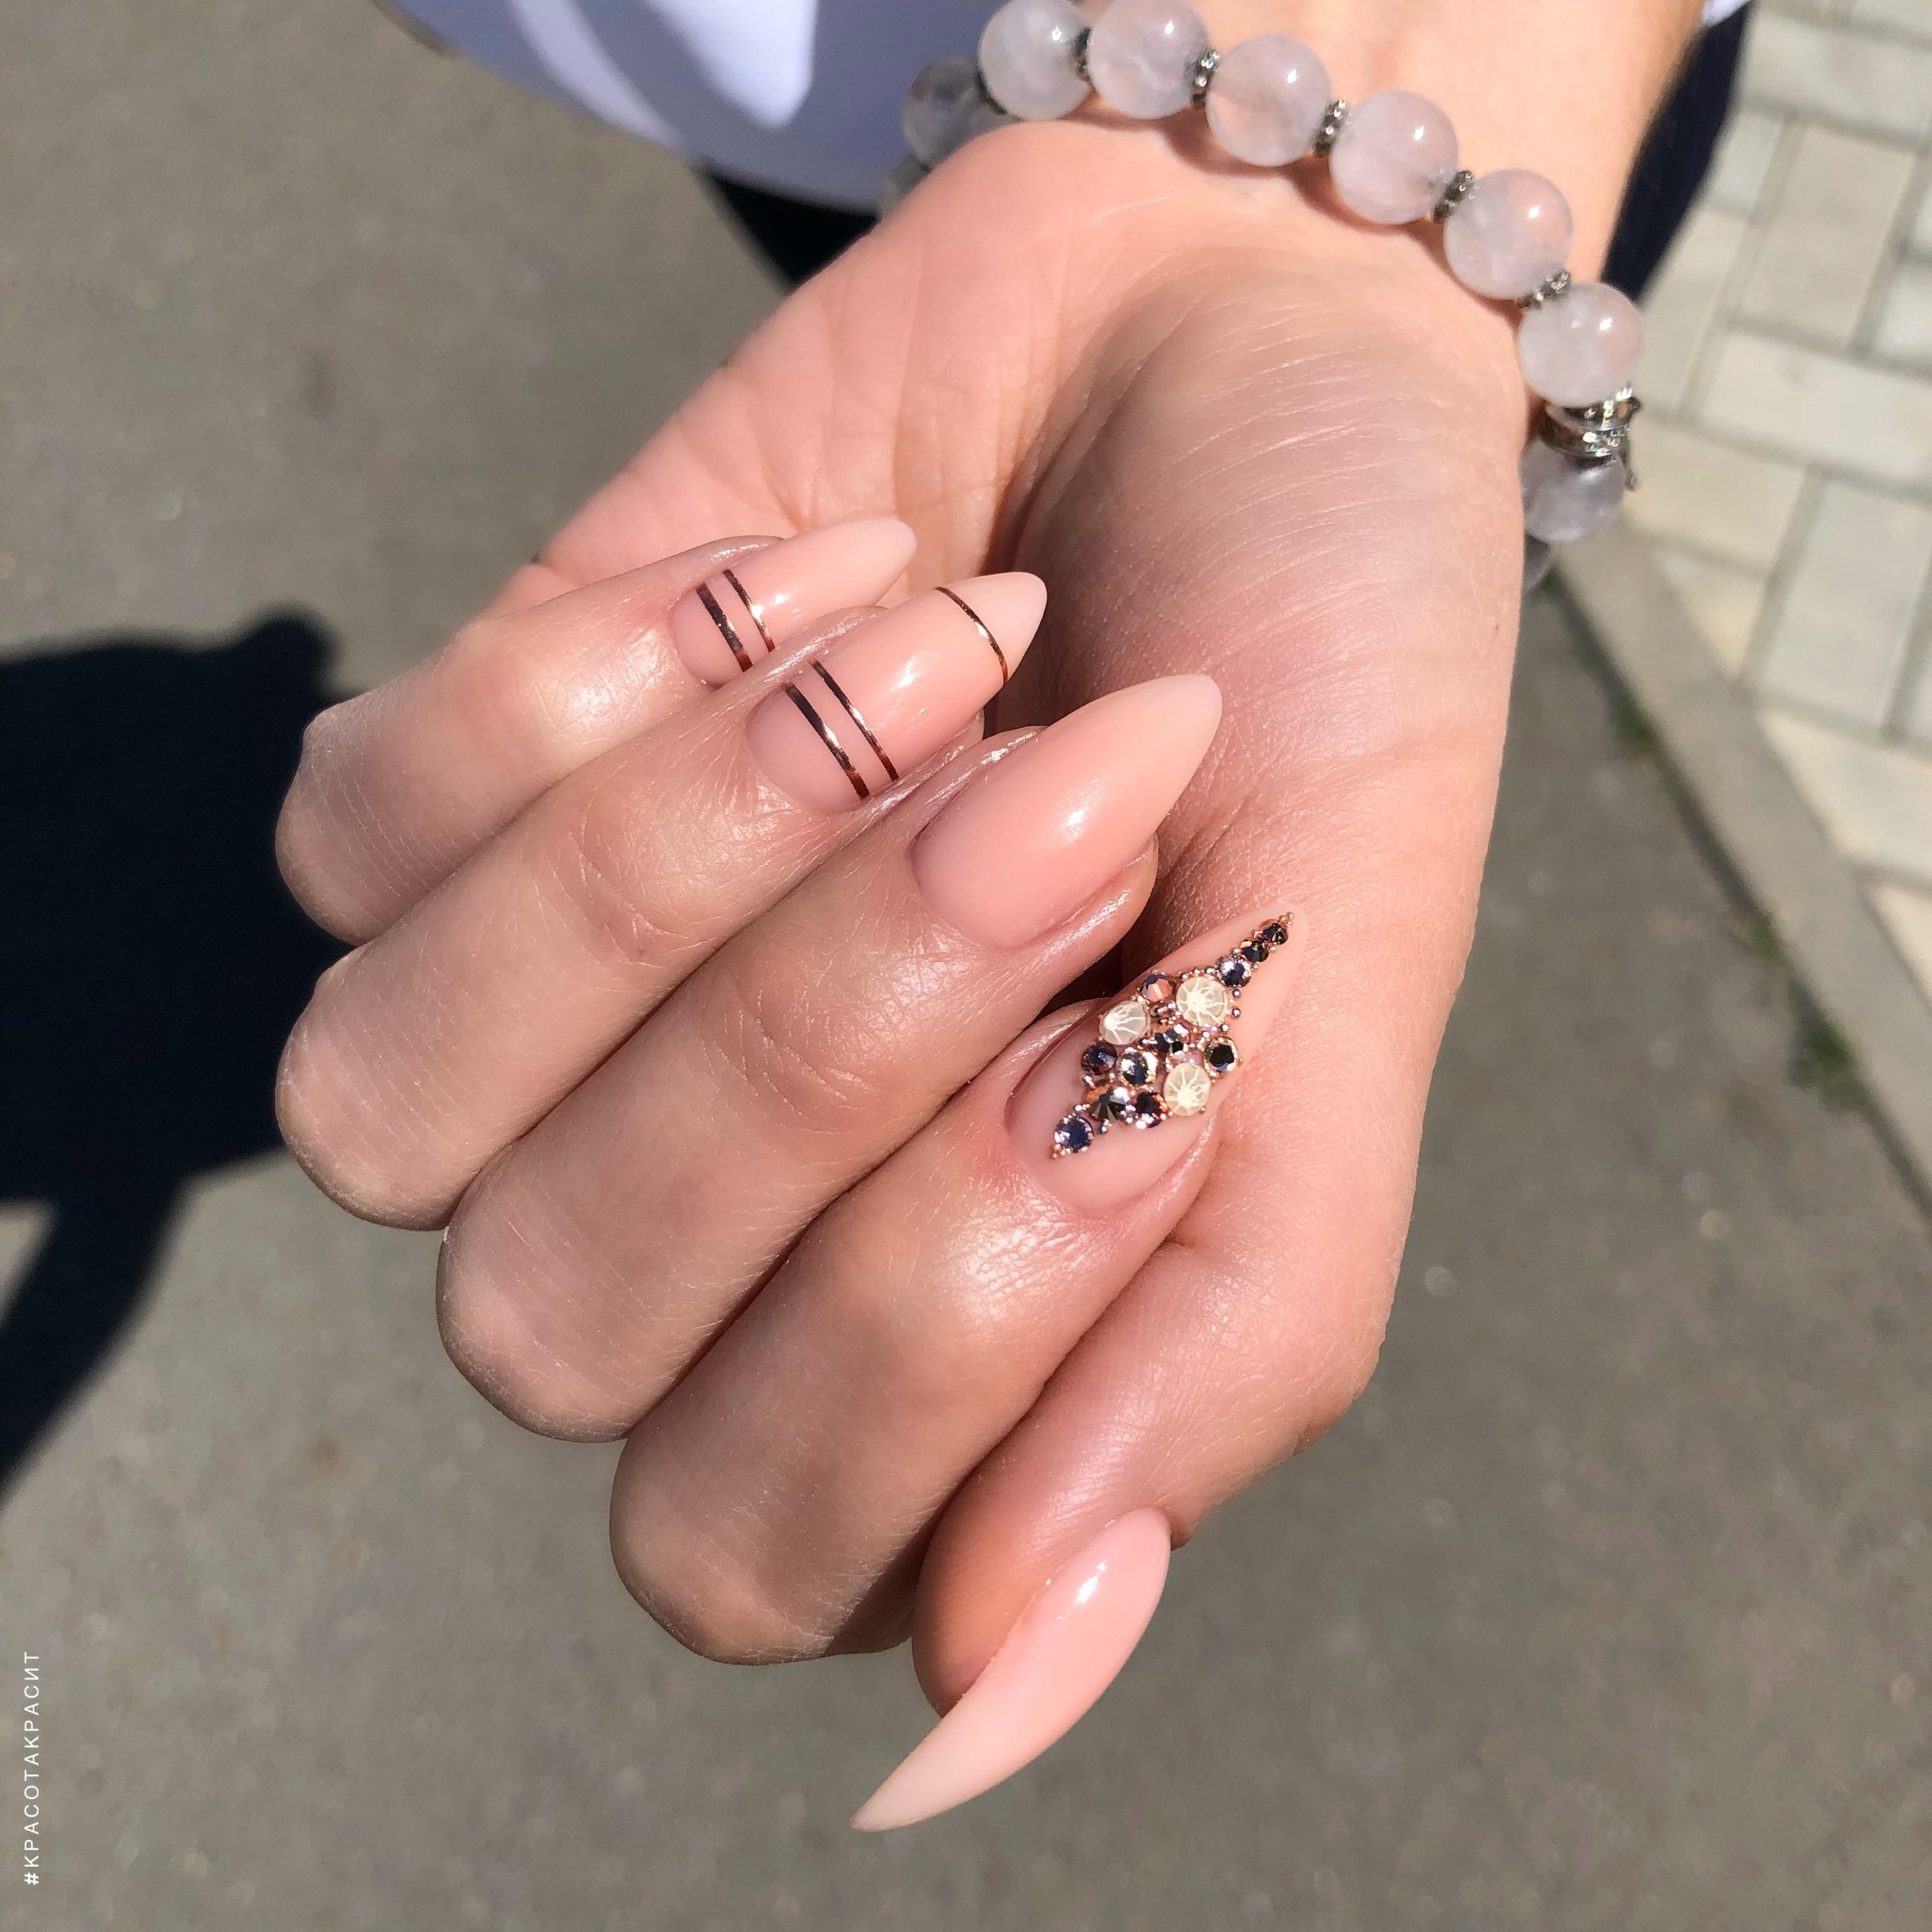 Нюдовый маникюр с золотыми полосками и стразами на длинные ногти.